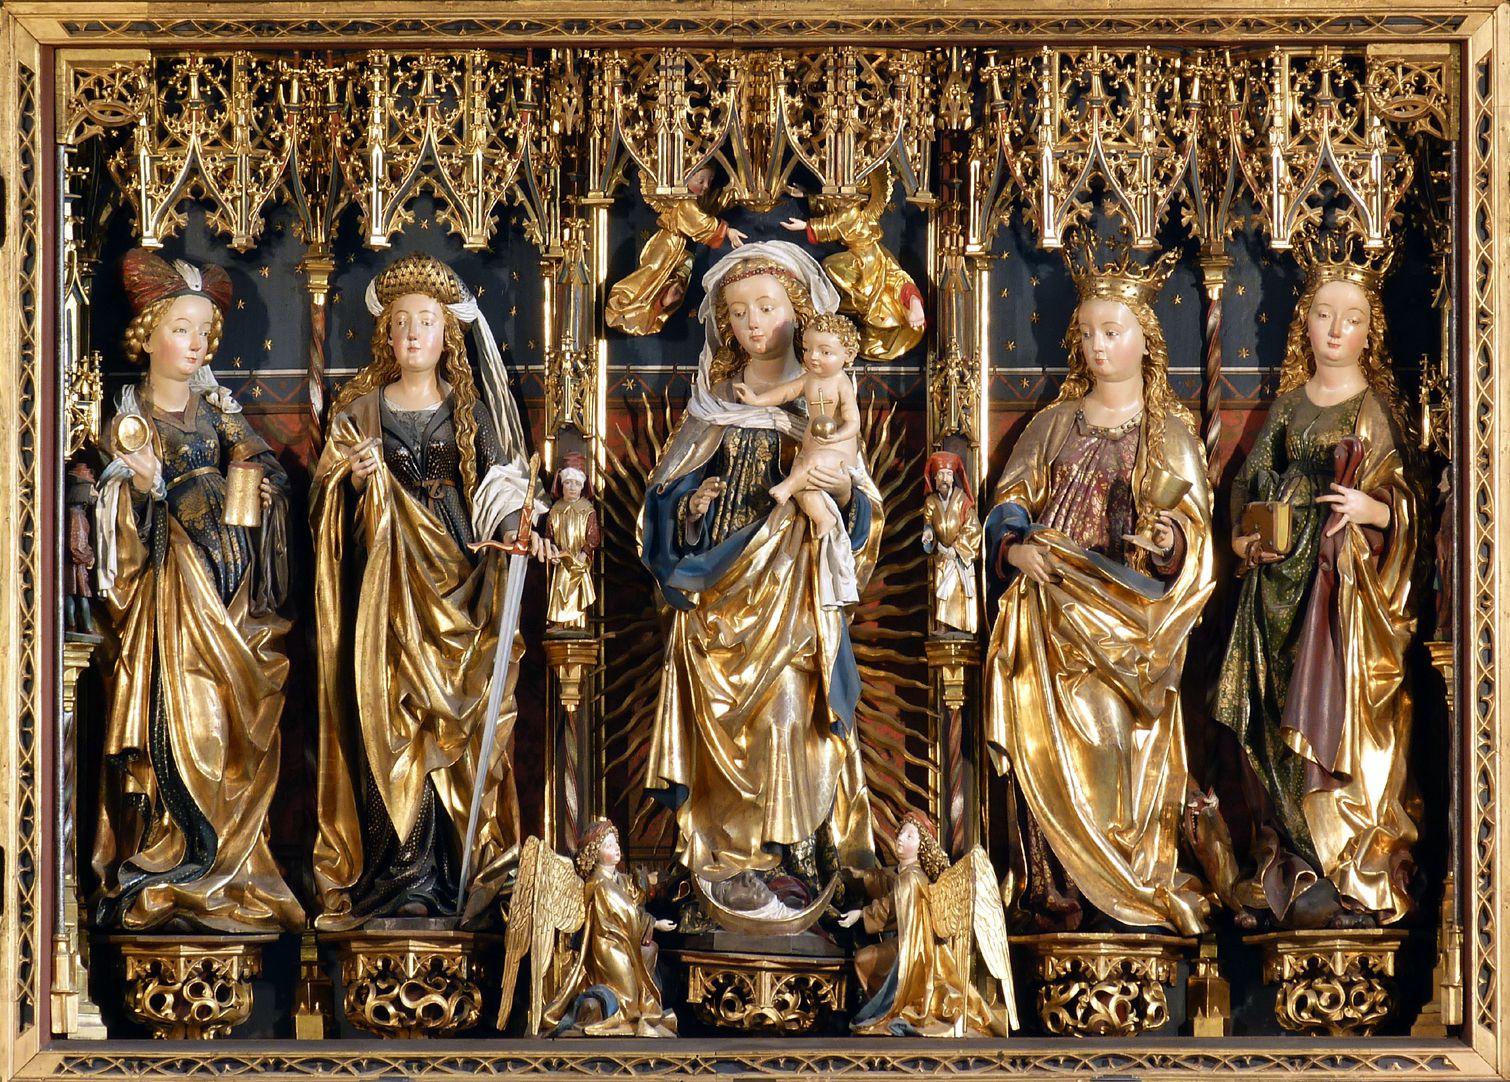 Zwickauer Hochaltarretabel Schrein,  von l. nach r. : Maria Magdalena,  Katharina,  Maria mit dem Jesukind,  Barbara und Magarete - dazwischen kleine Propheten?